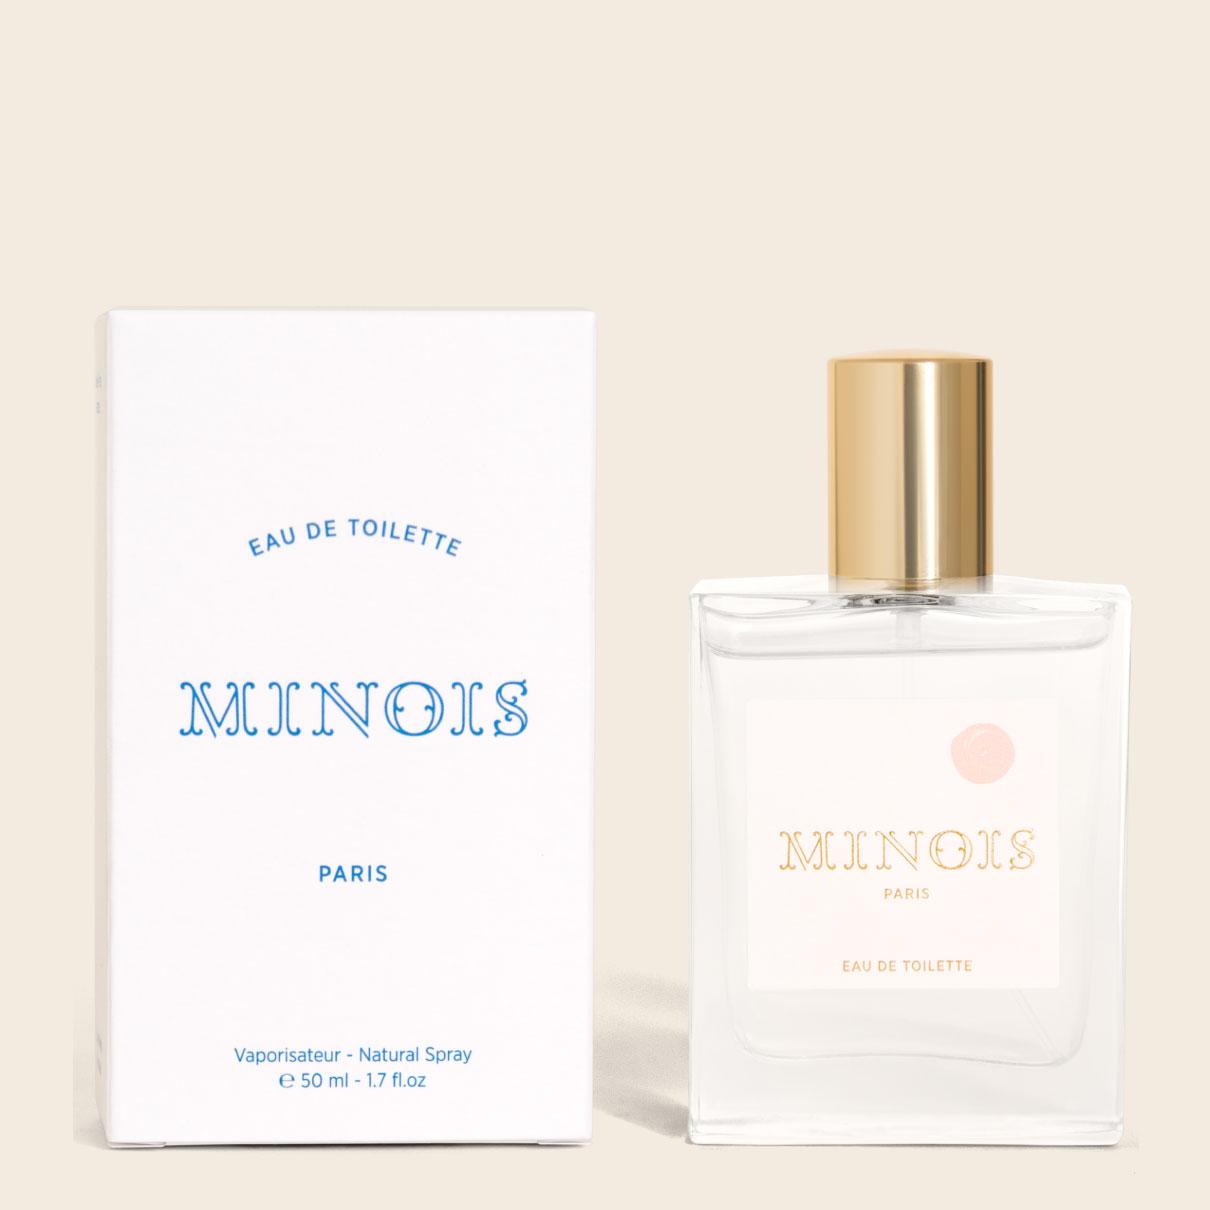 Minois Paris - Eau de toilette